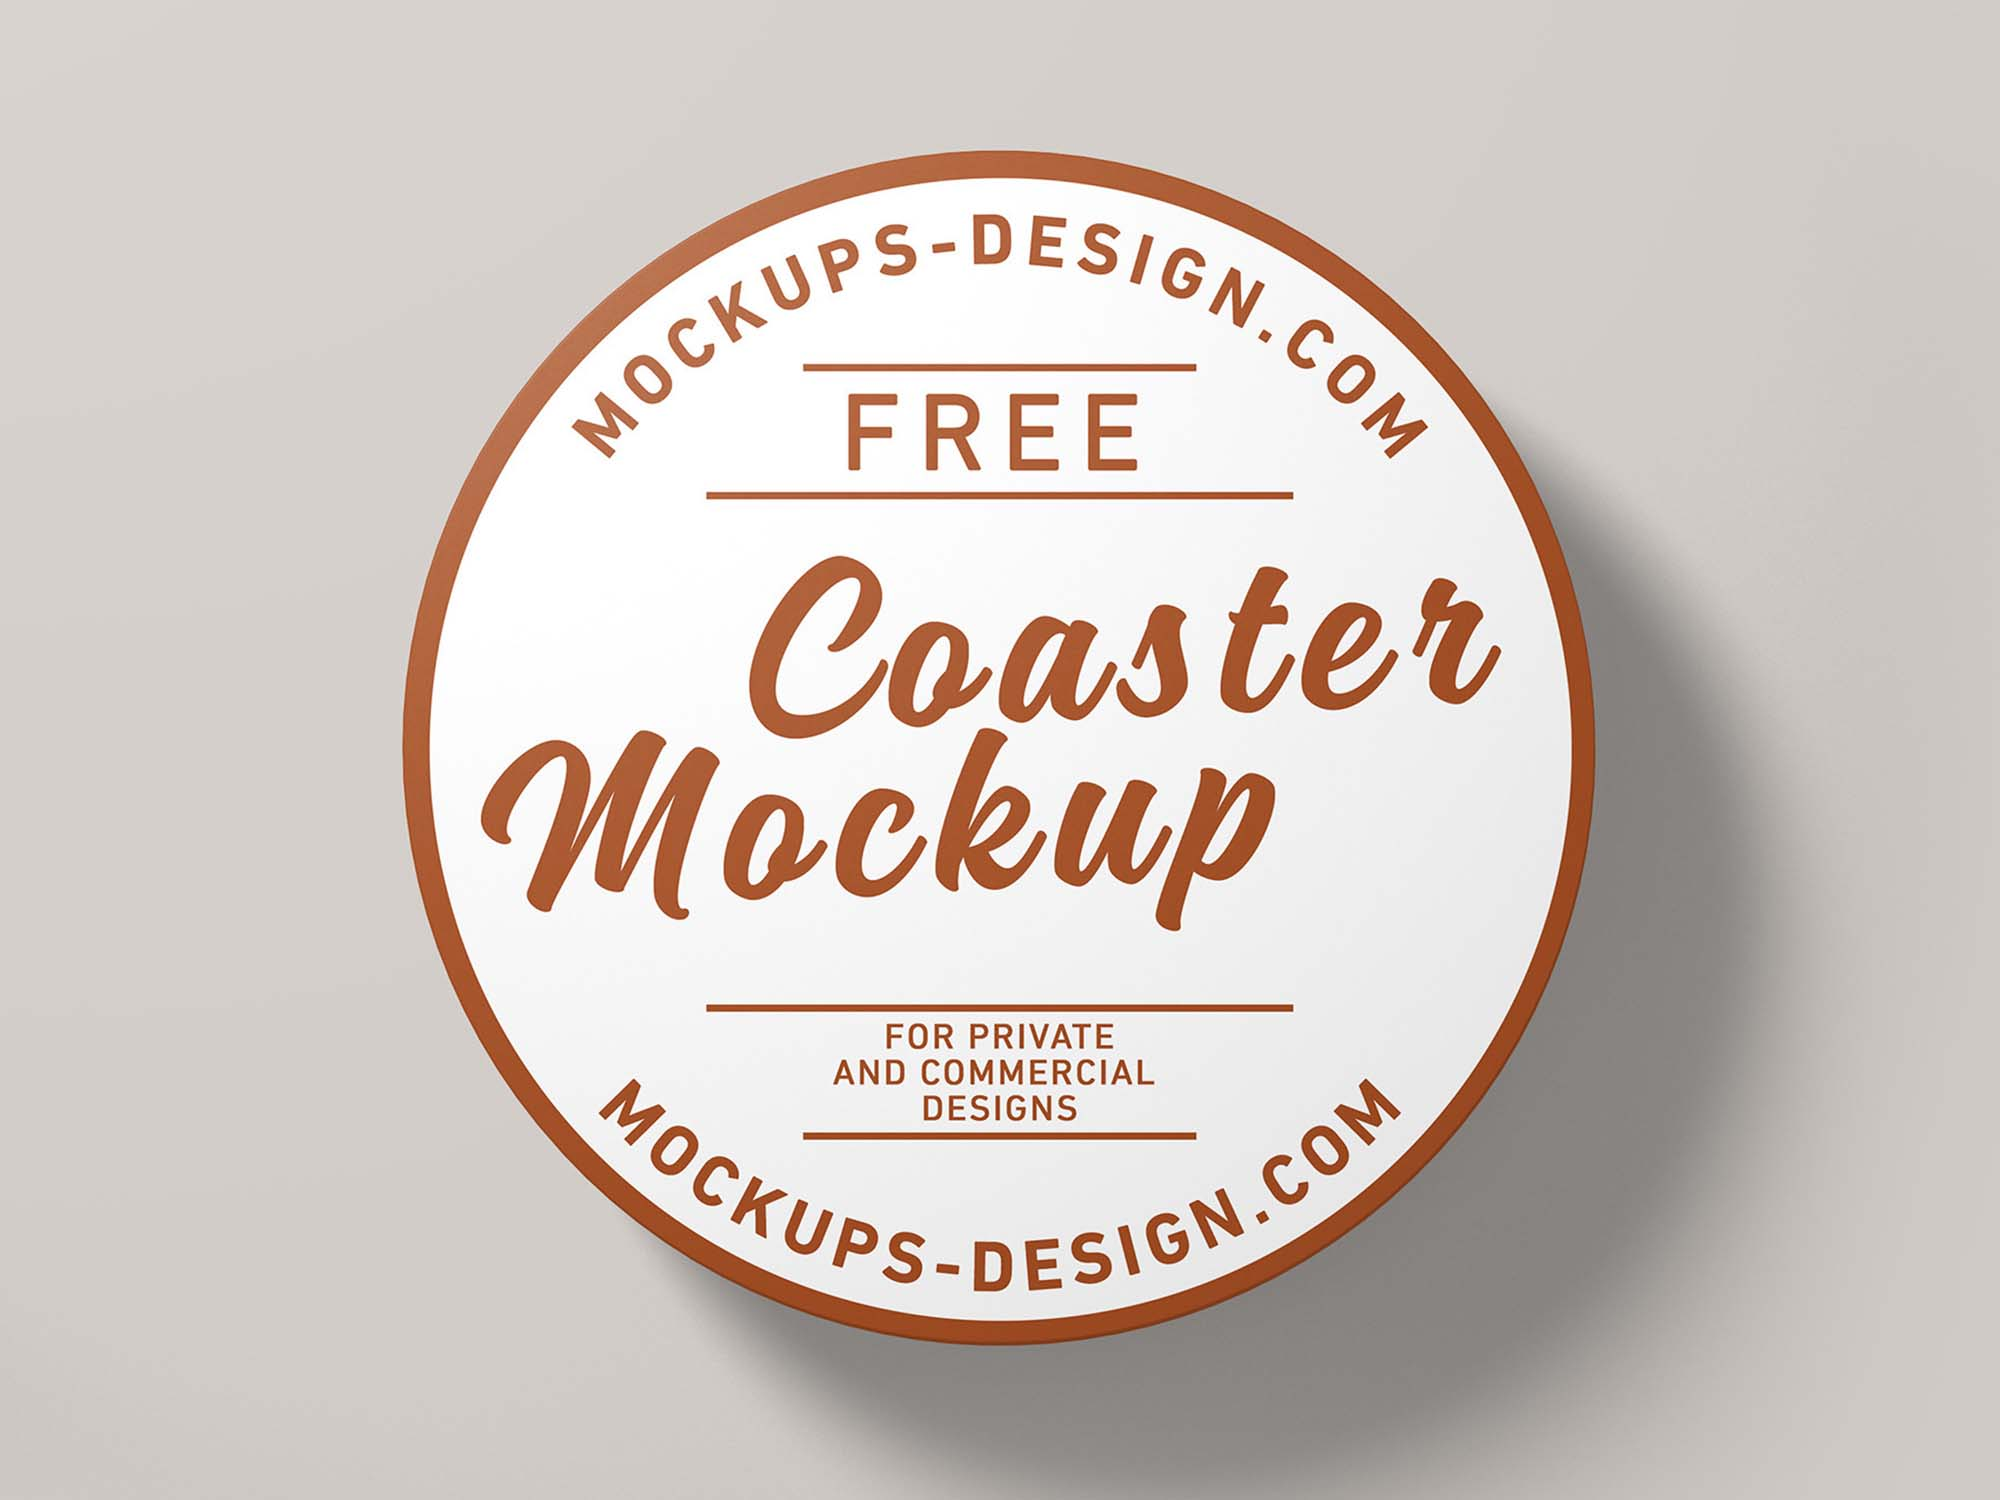 Round Coaster Mockup